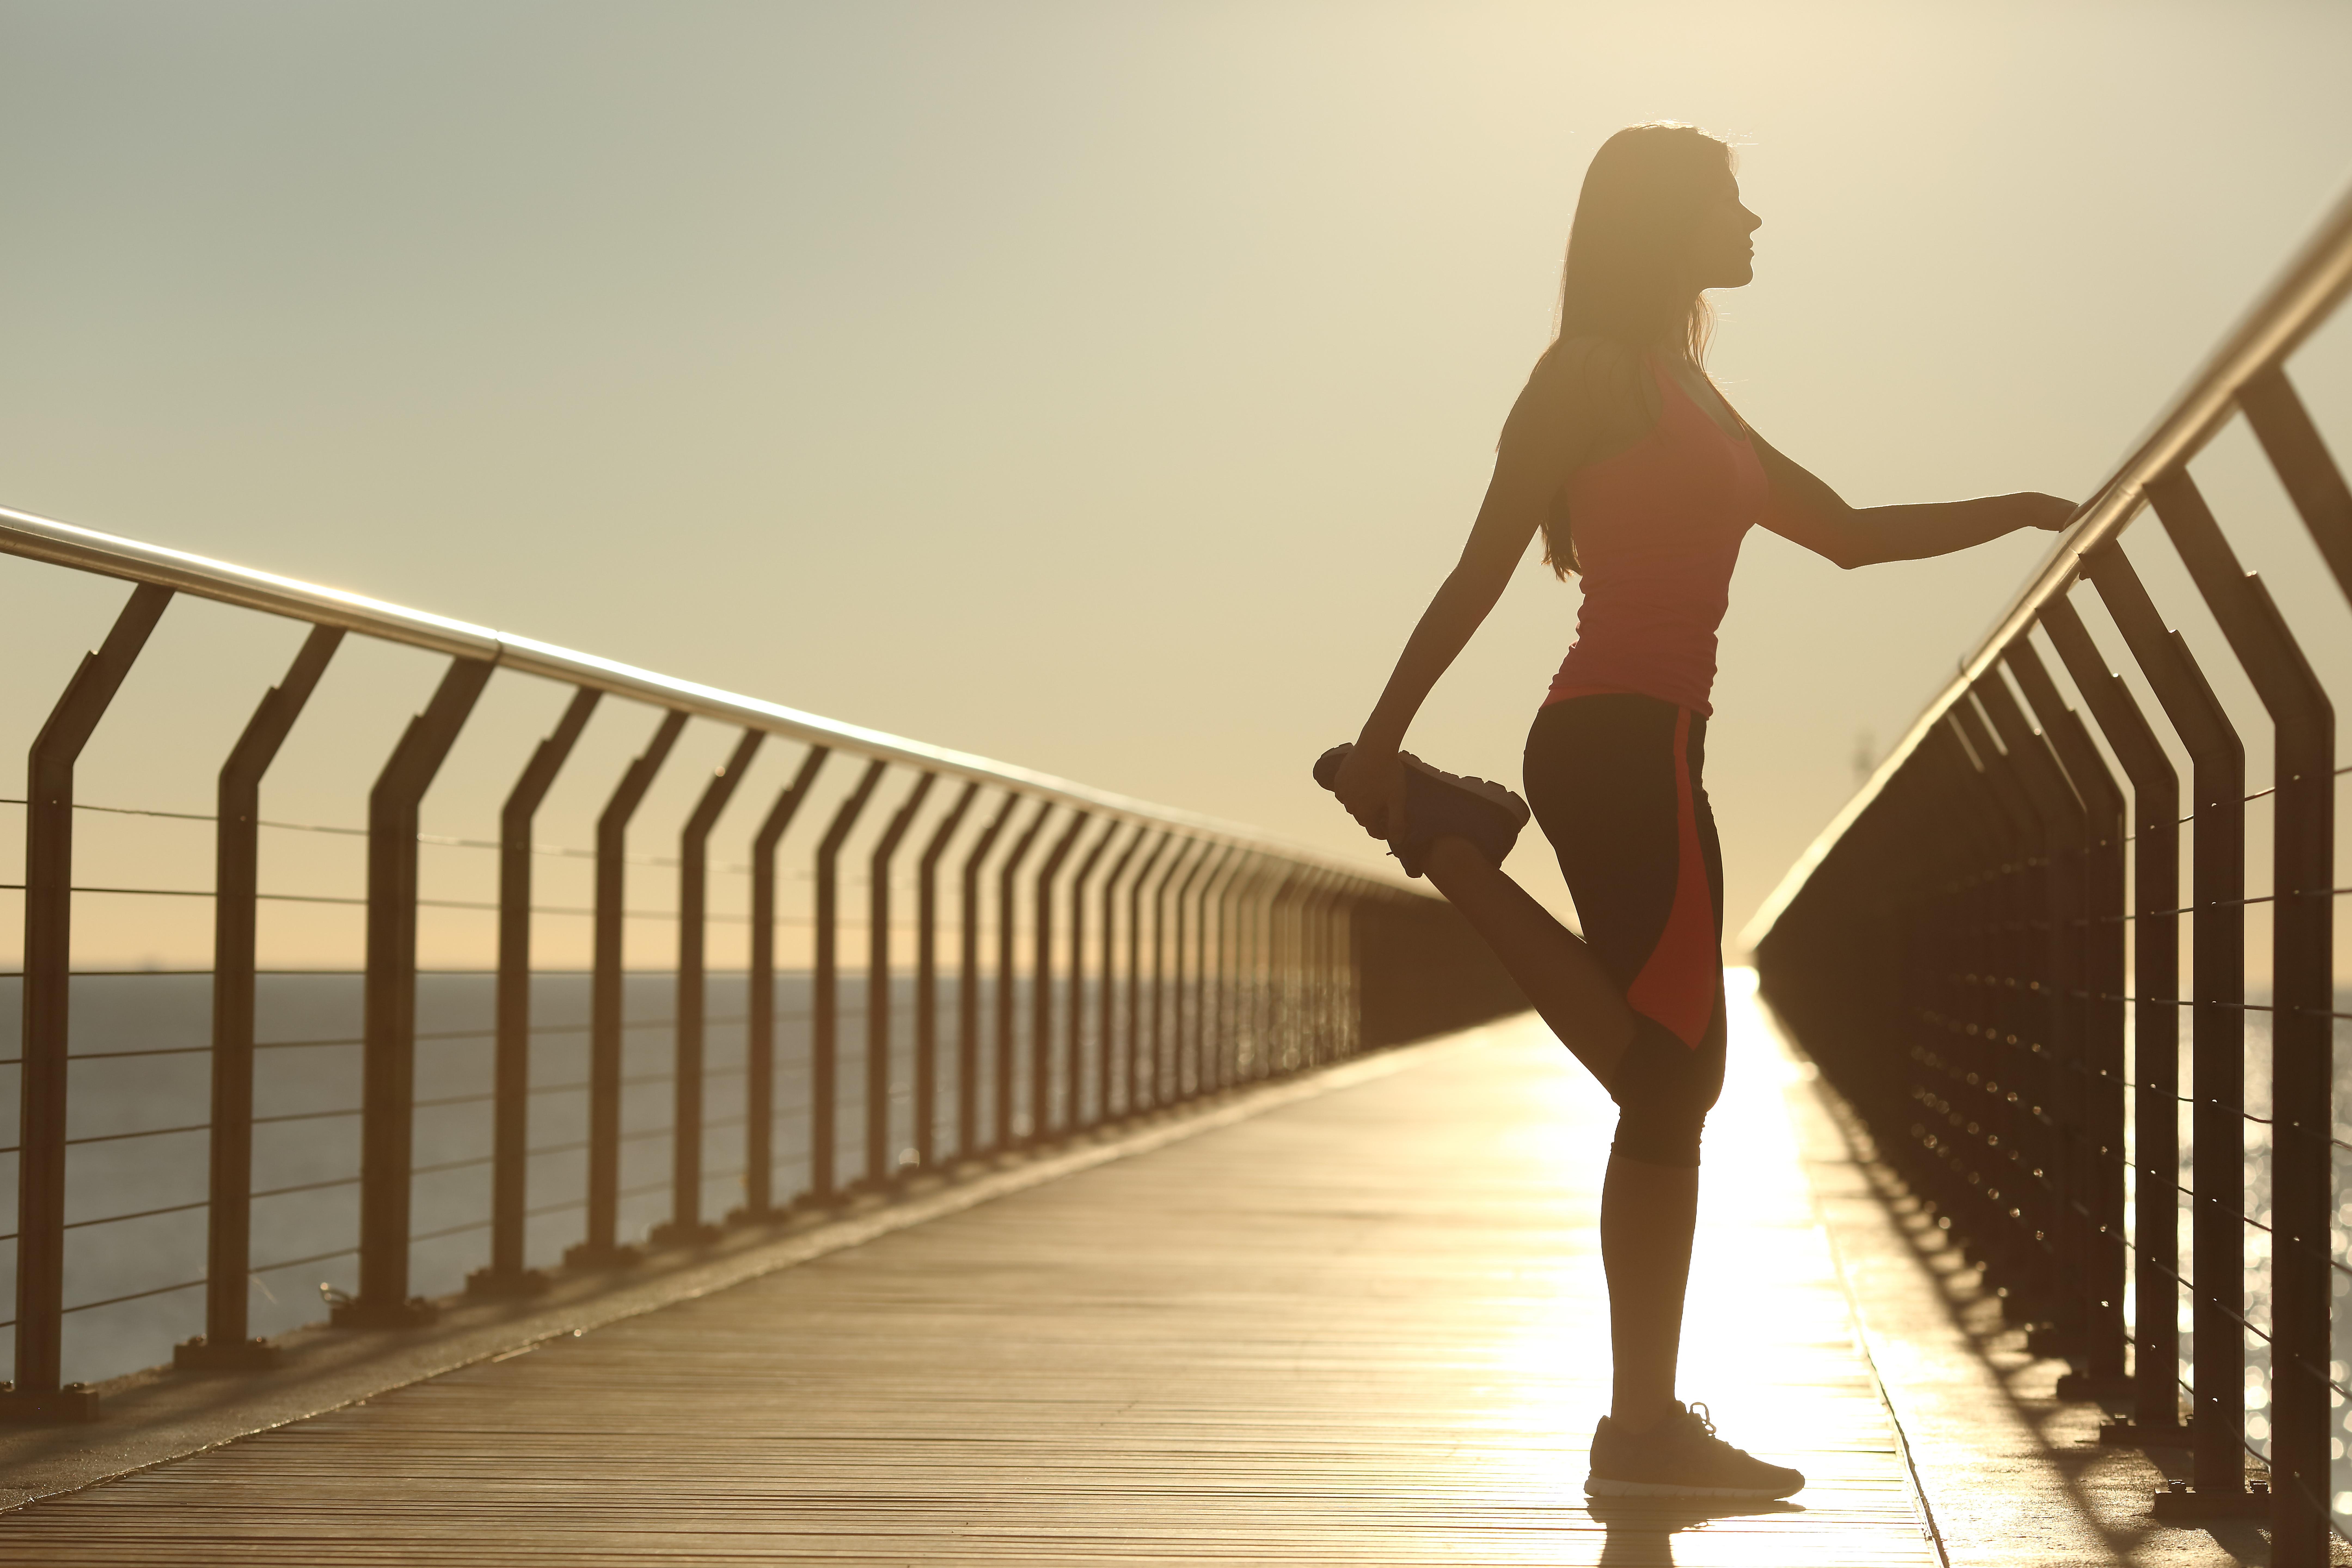 日没で実行した後橋の上ストレッチ運動女性のシルエット